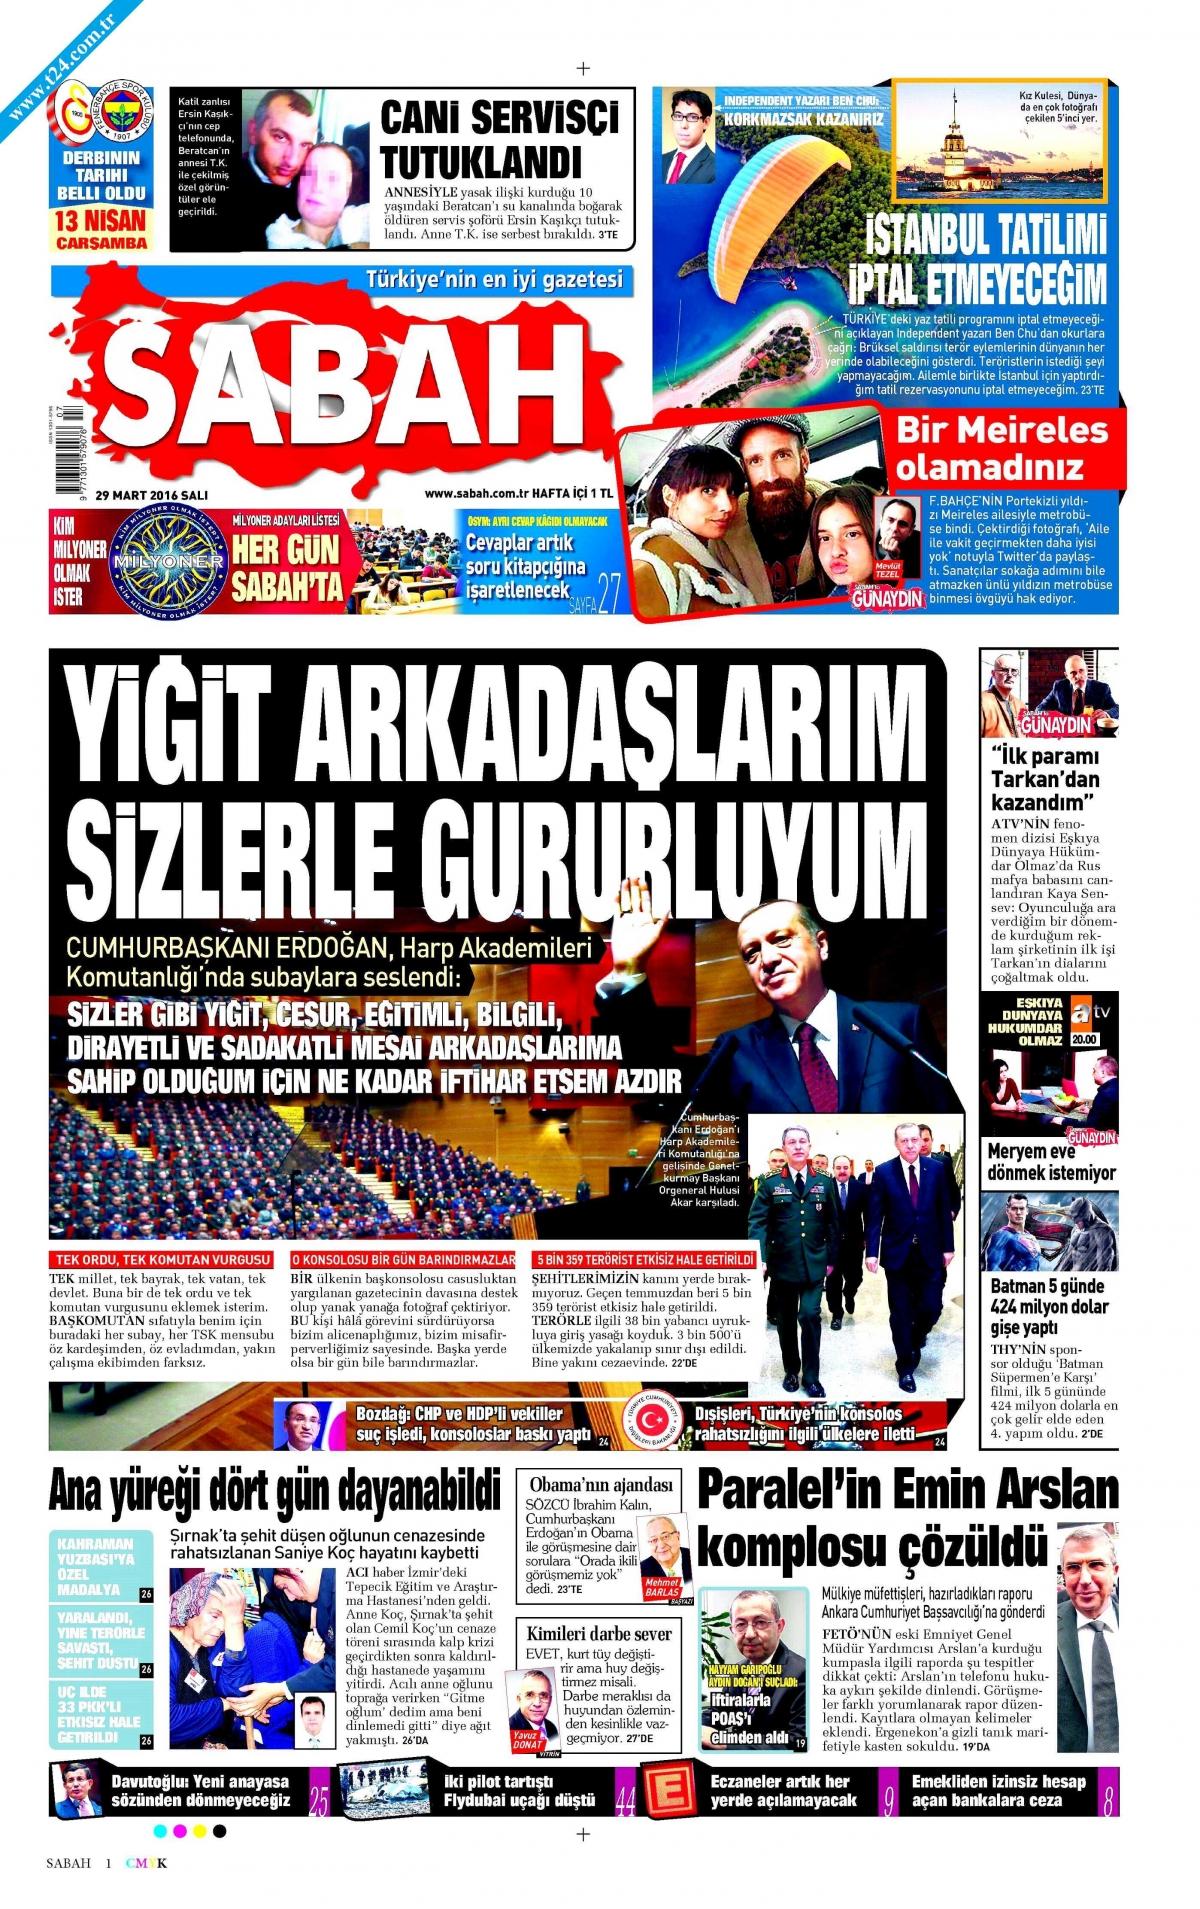 Sabah gazetesinin dünkü (29 Mart 2016) başsayfası